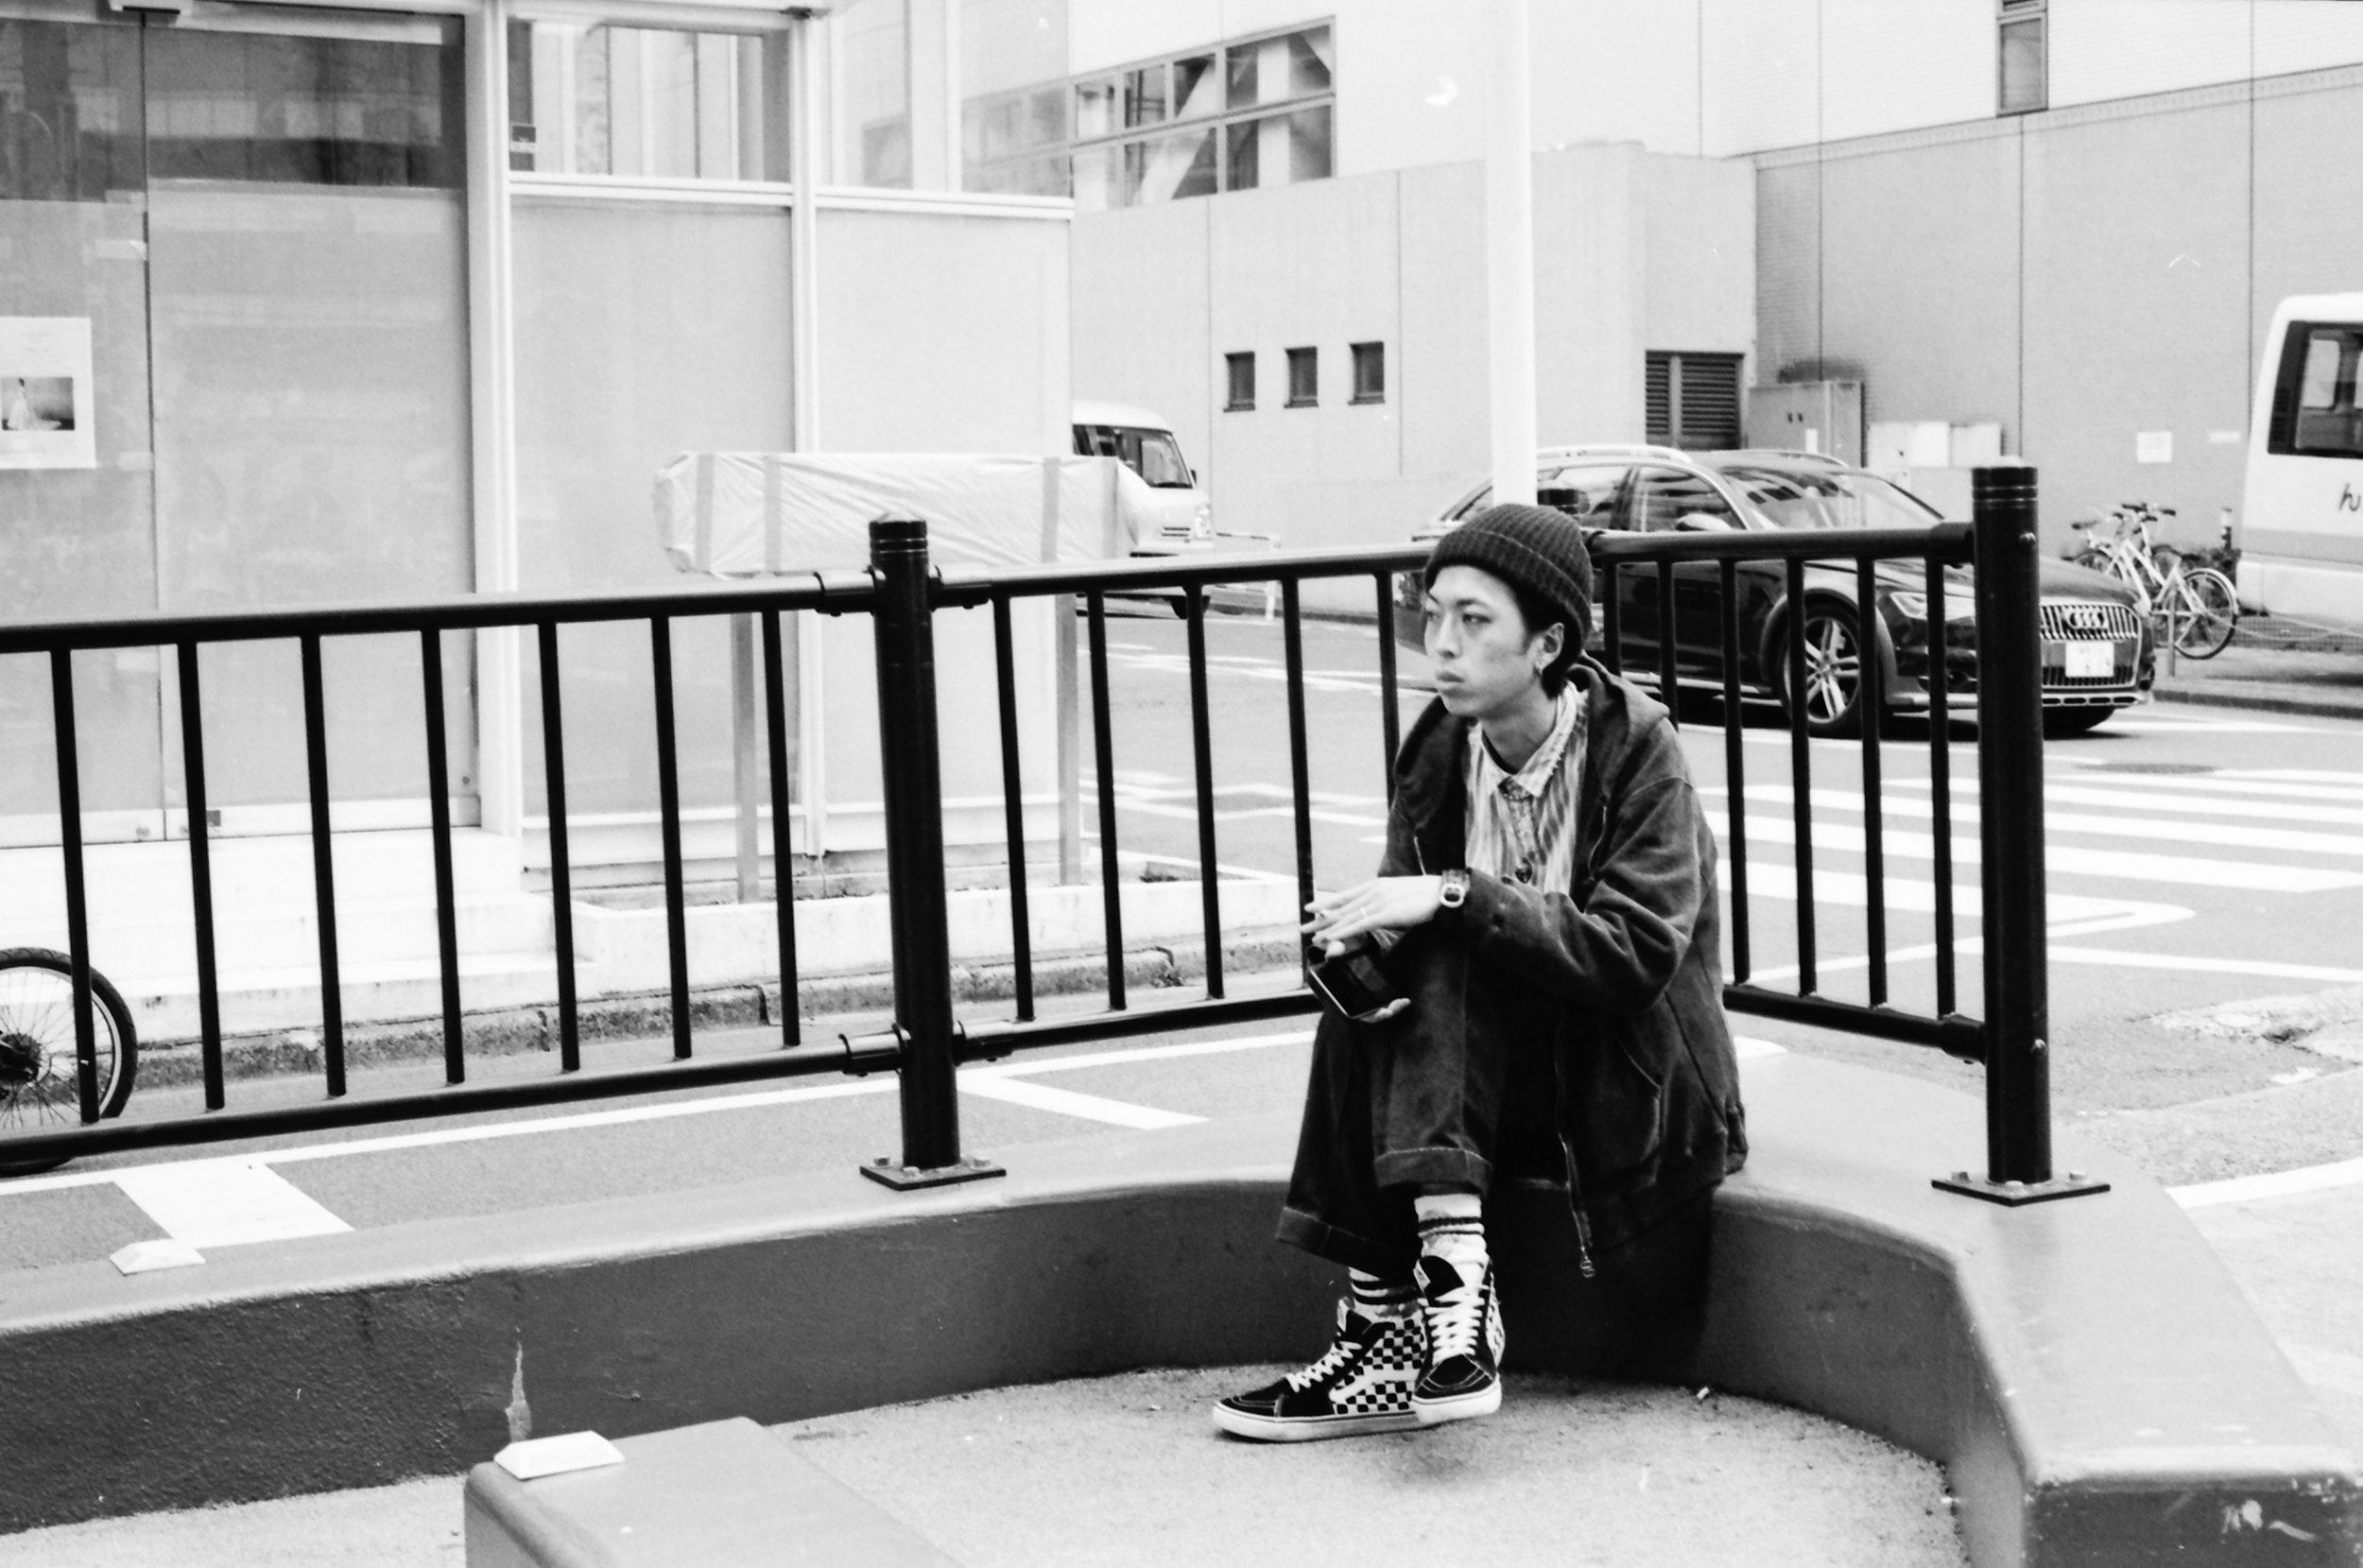 2018_04_18_LeicaM4-2_400TX-34.jpg